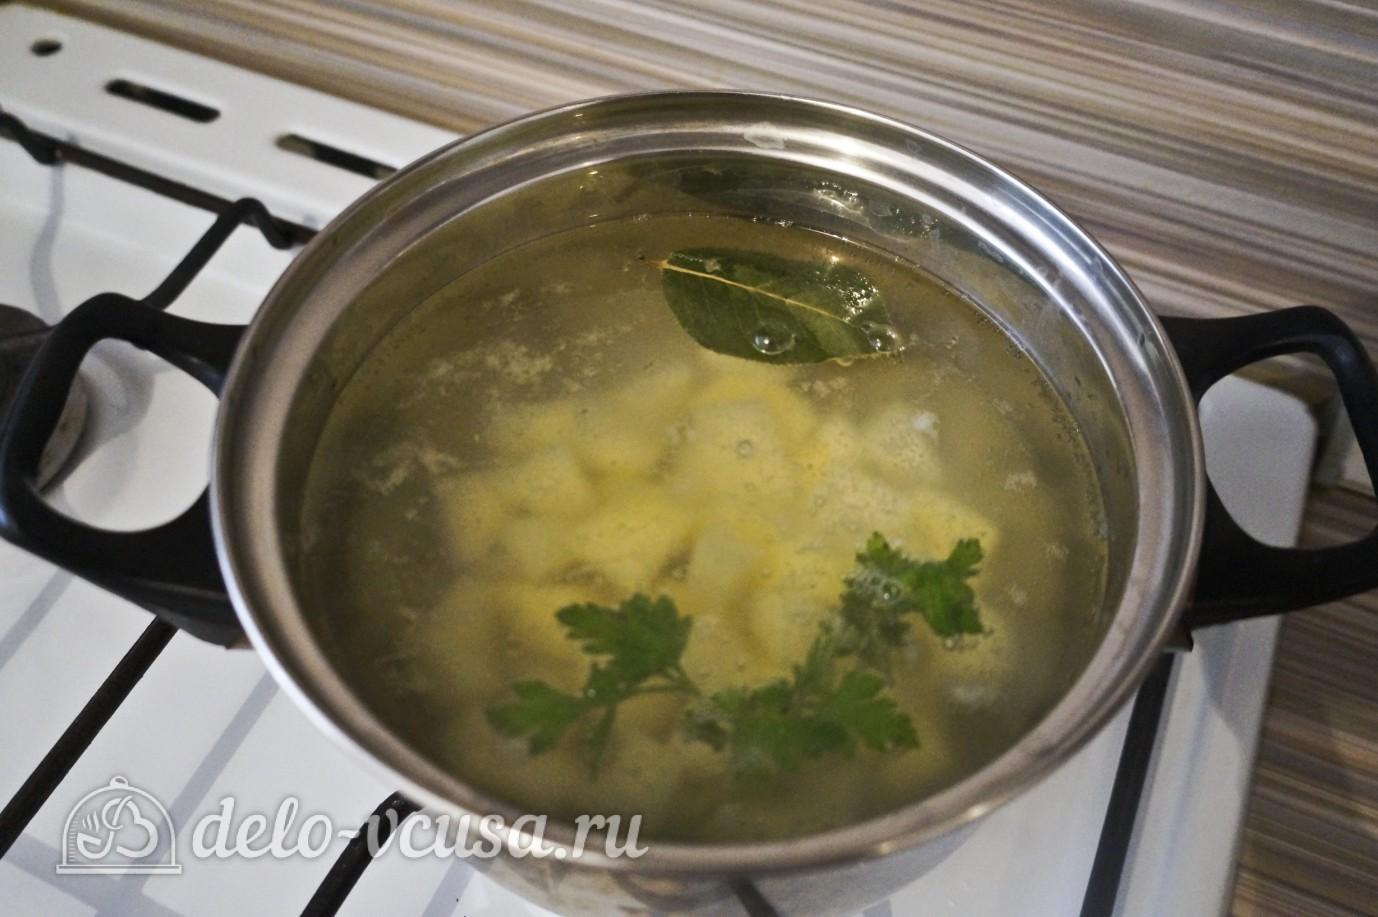 Овощной суп с зеленым горошком: Кладем картошку в кастрюлю